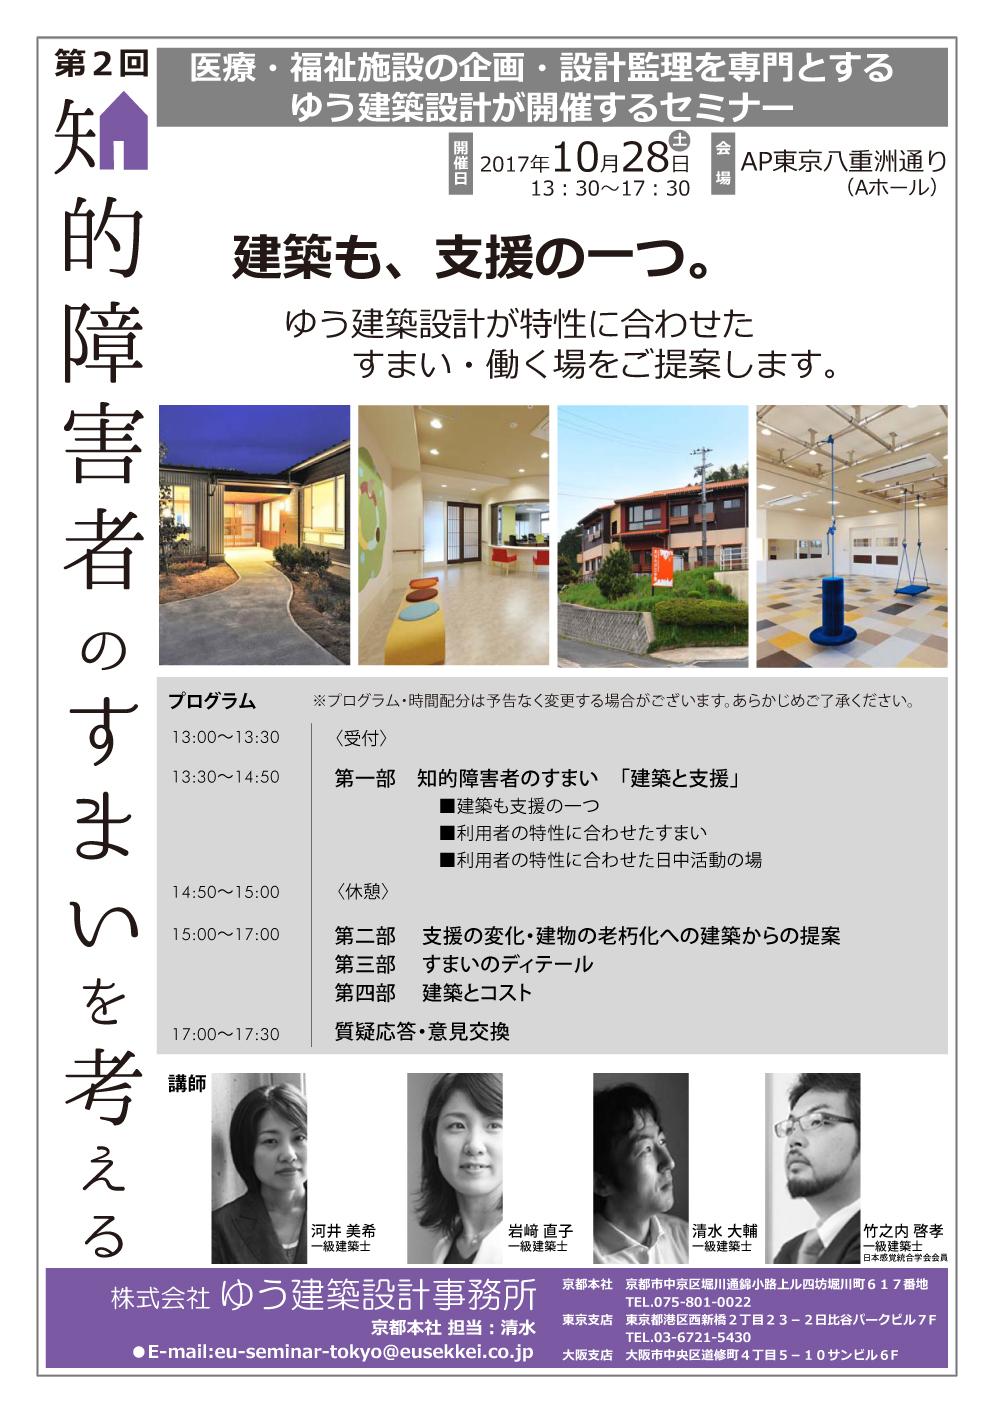 http://www.eusekkei.co.jp/wp-content/uploads/2017/09/97f1c787d9469ec22858ad03a4903488.jpg